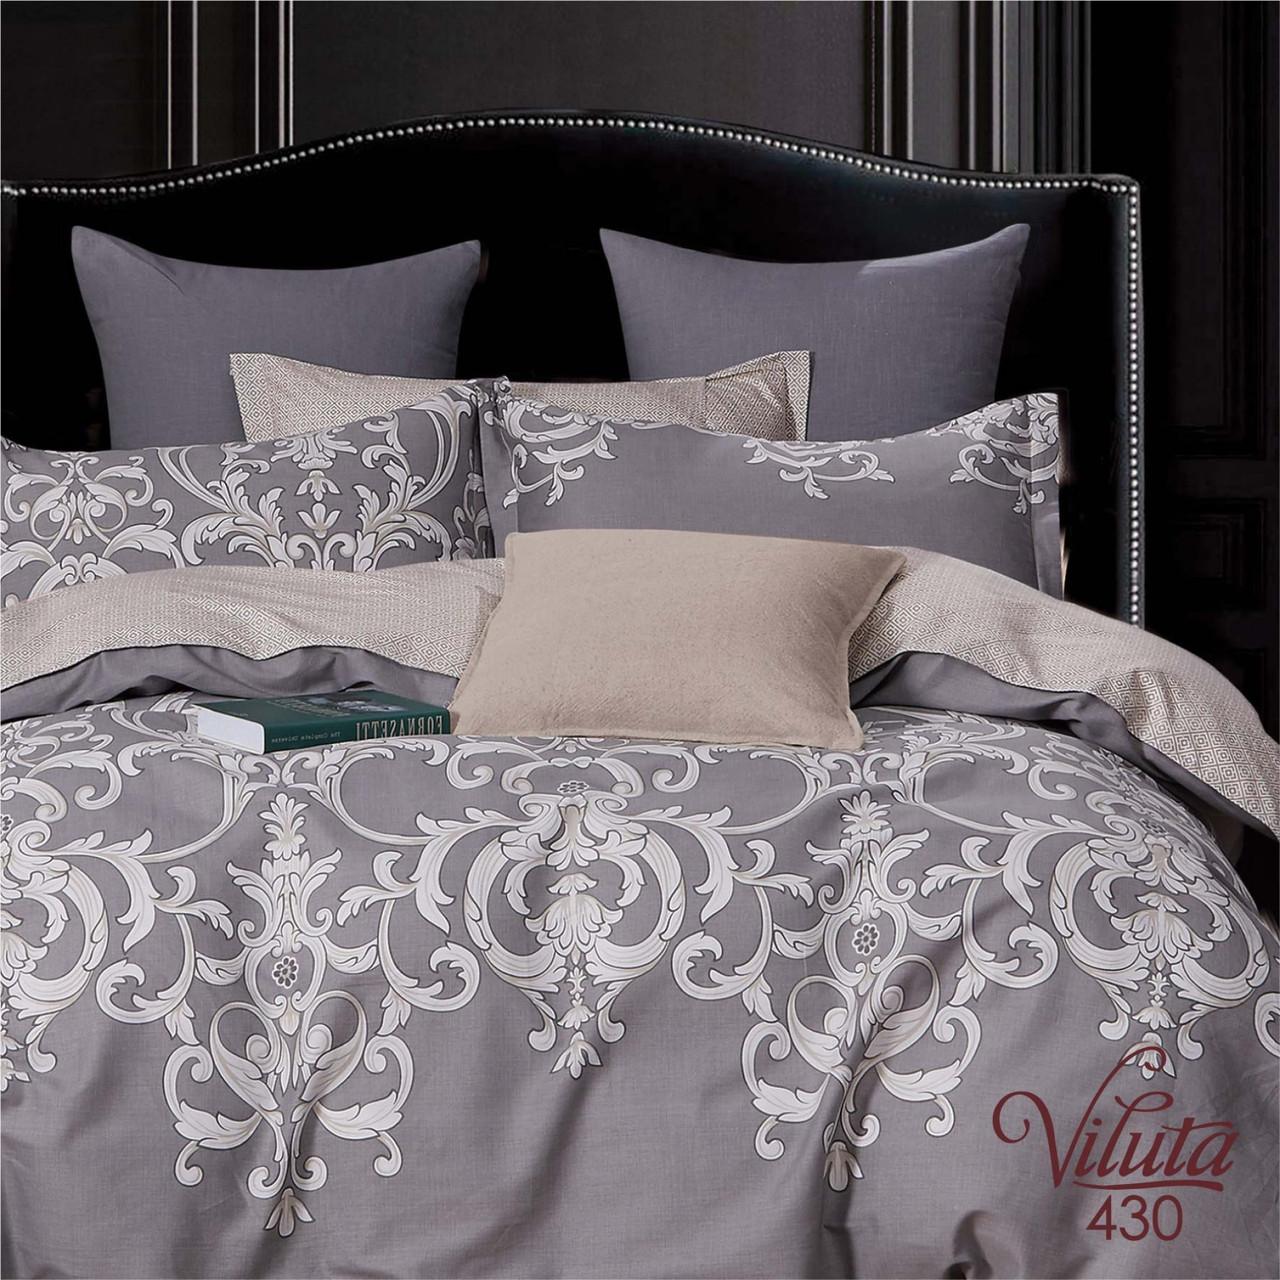 Комплект постельного белья полуторный Вилюта Сатин Twill 430